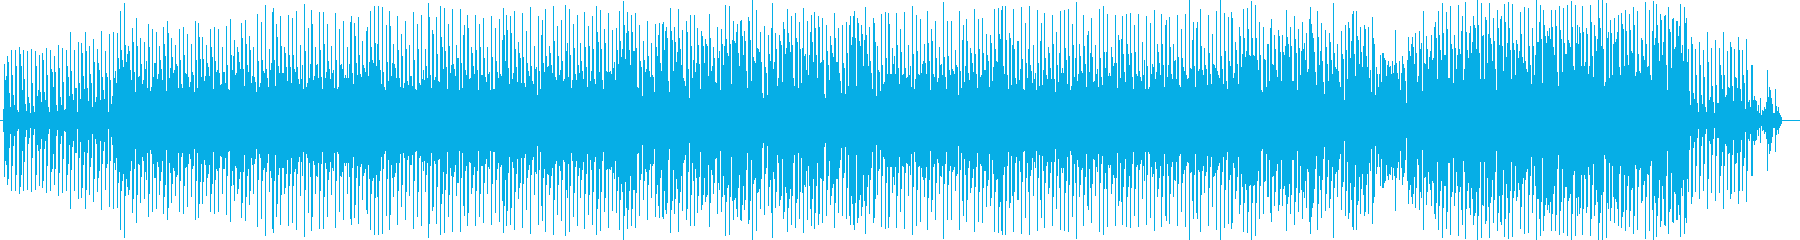 ノリのいいクールで未来的なDTMの再生済みの波形